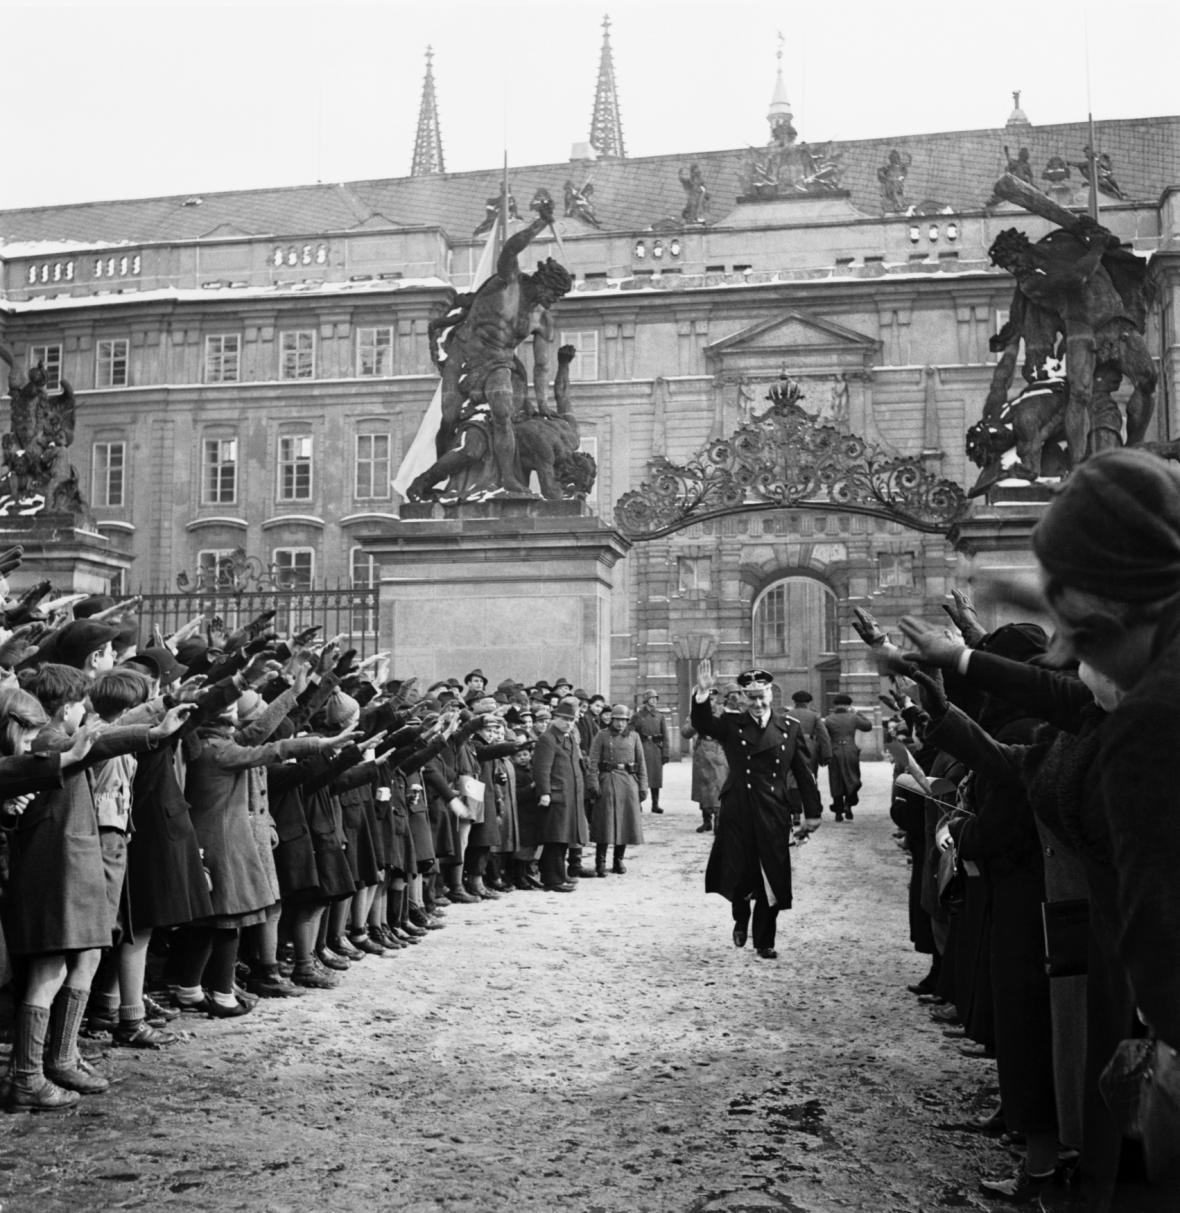 Okupace ČSR německými vojsky v březnu 1939